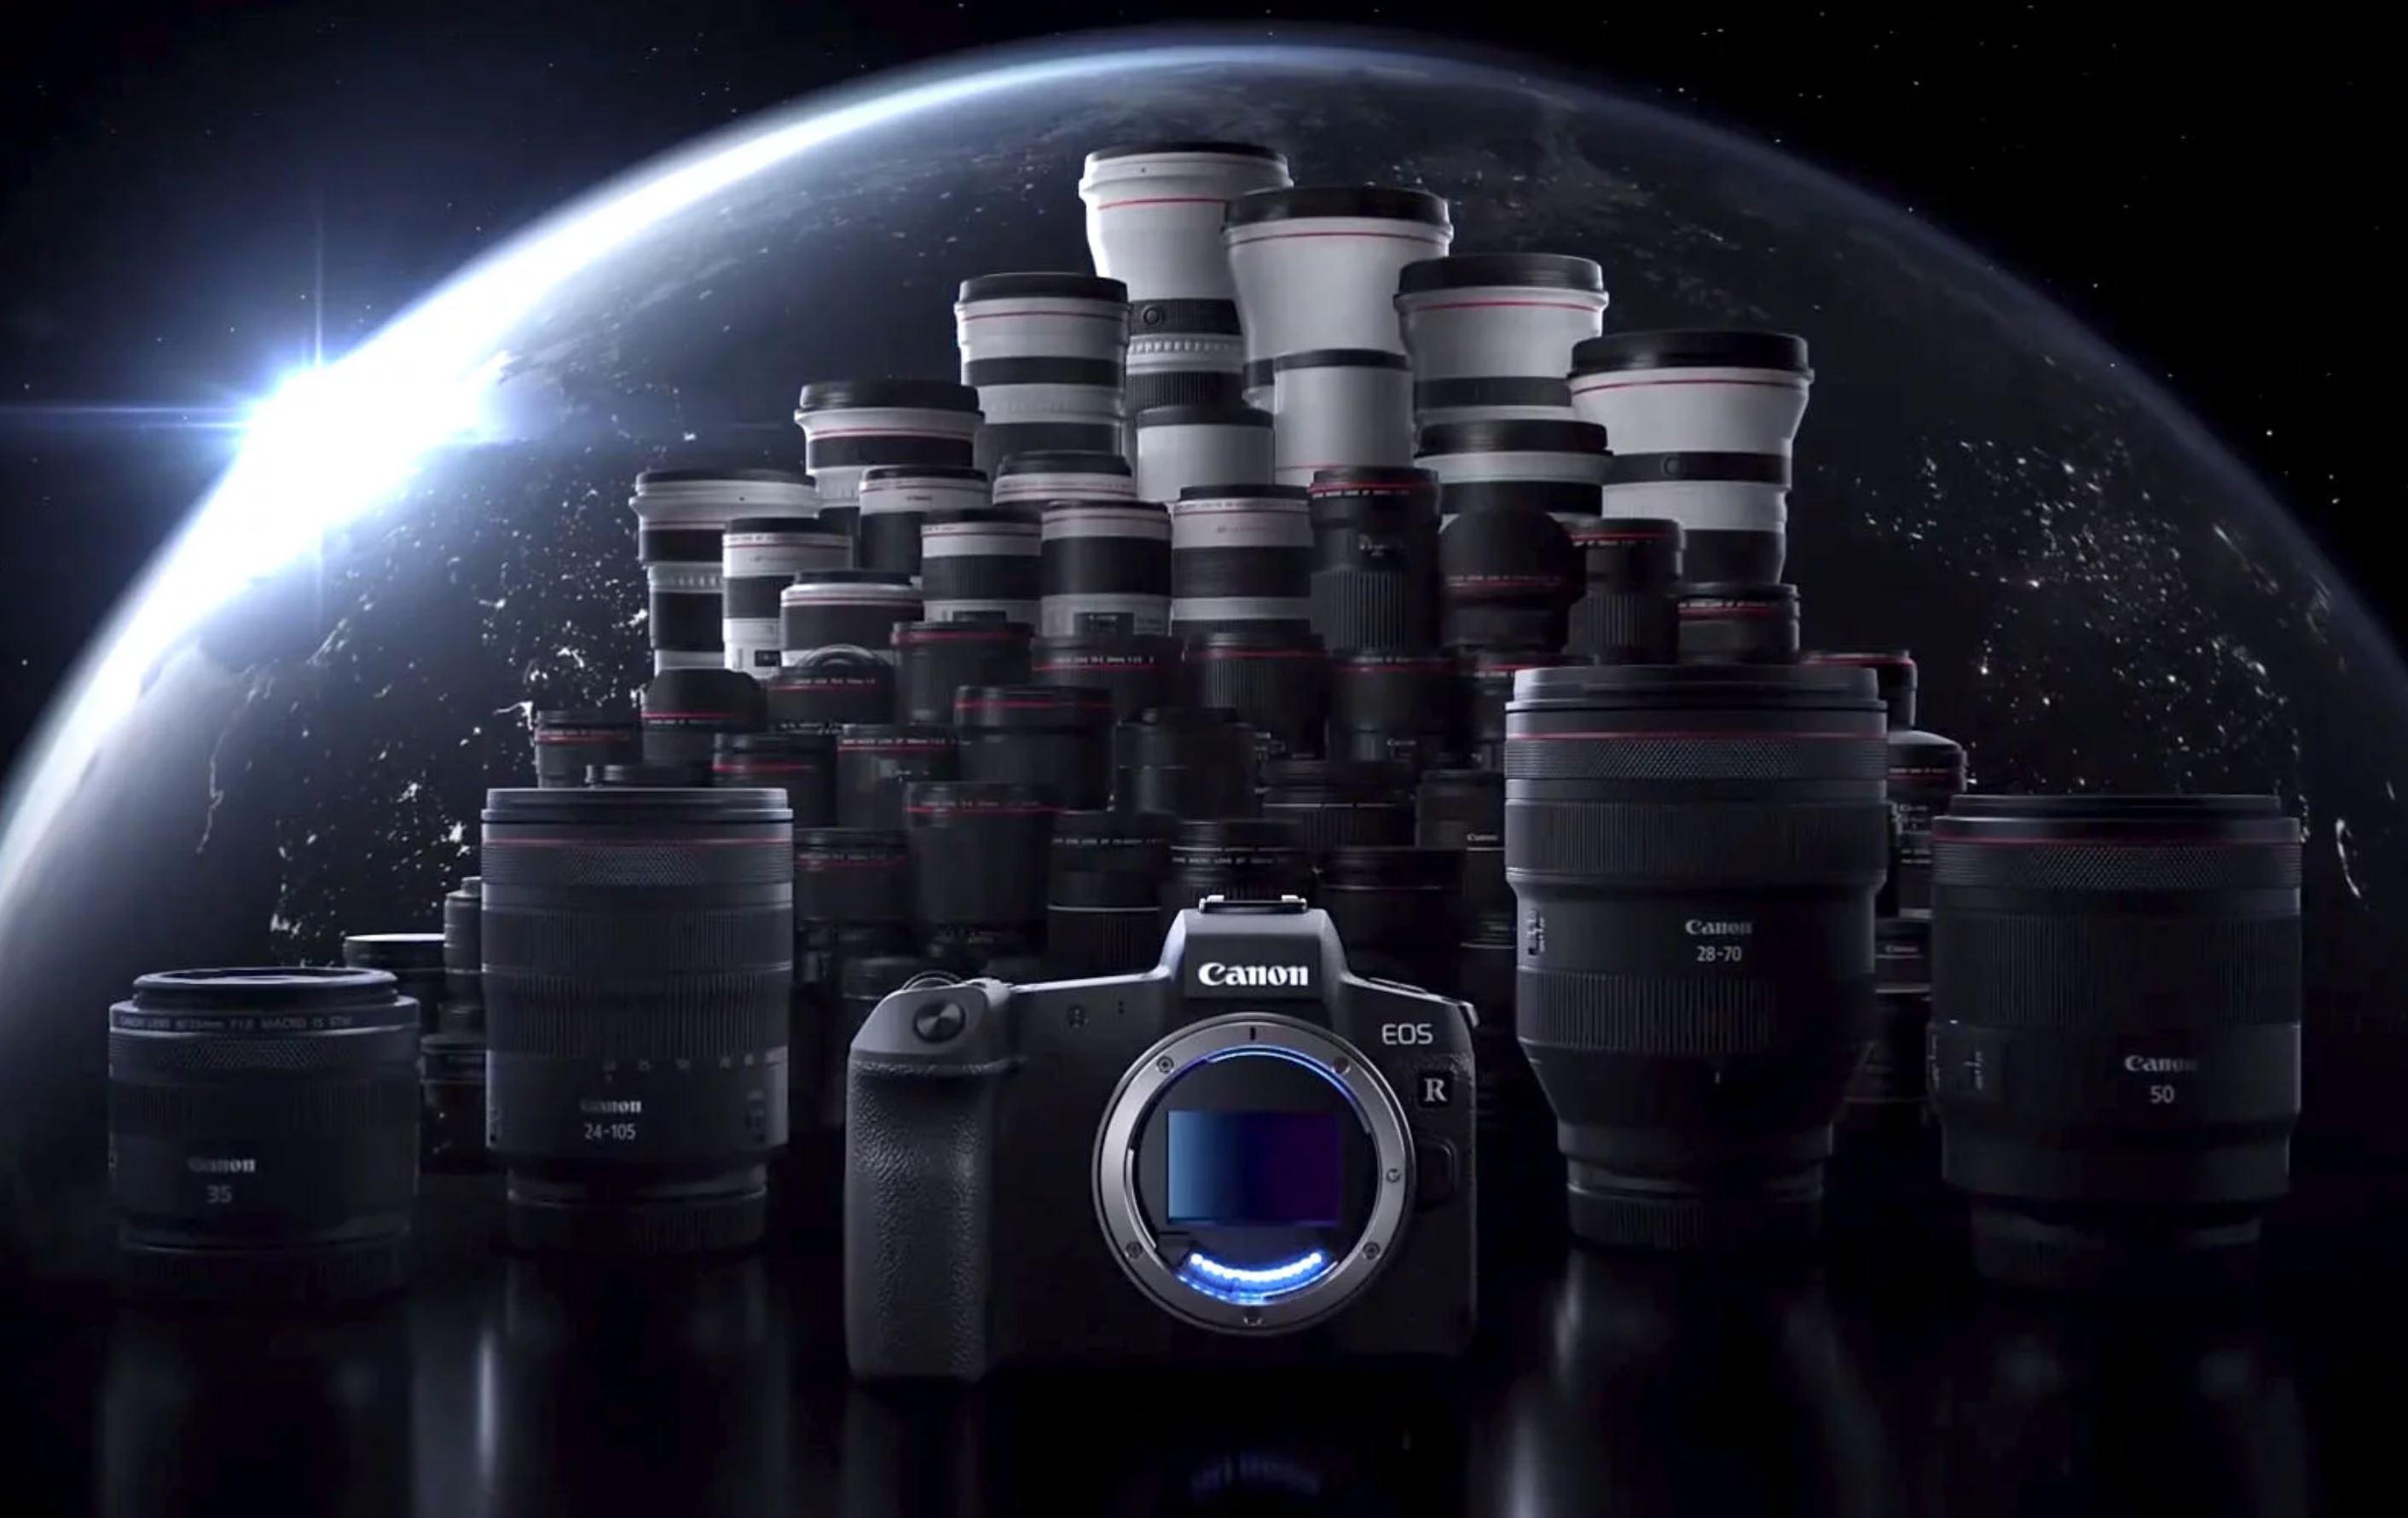 Anunciado oficialmente el nuevo sistema Canon EOS R - Cámara.PRO